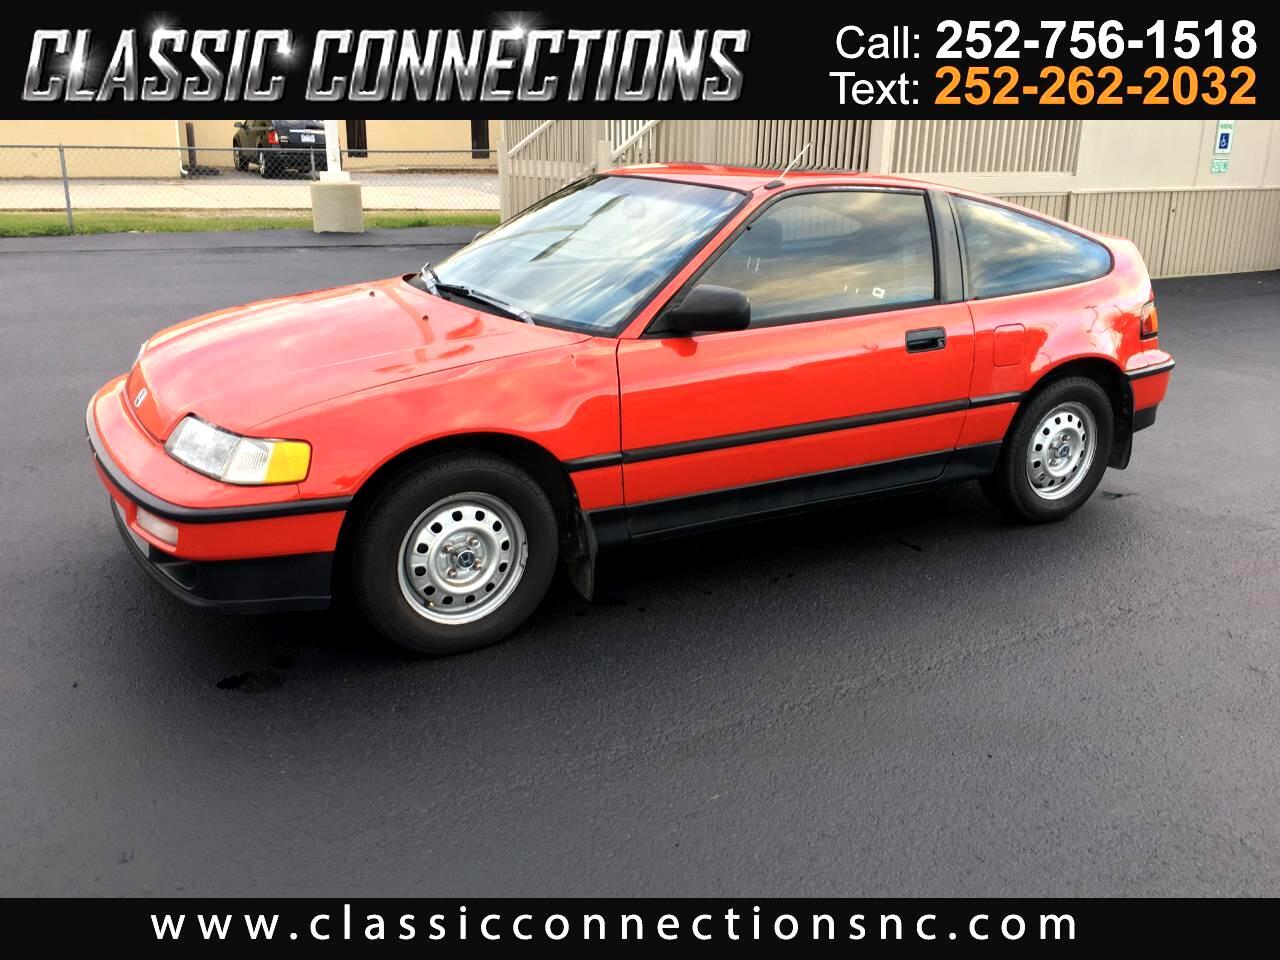 1991 Honda CRX 2dr Coupe HF 5-Spd